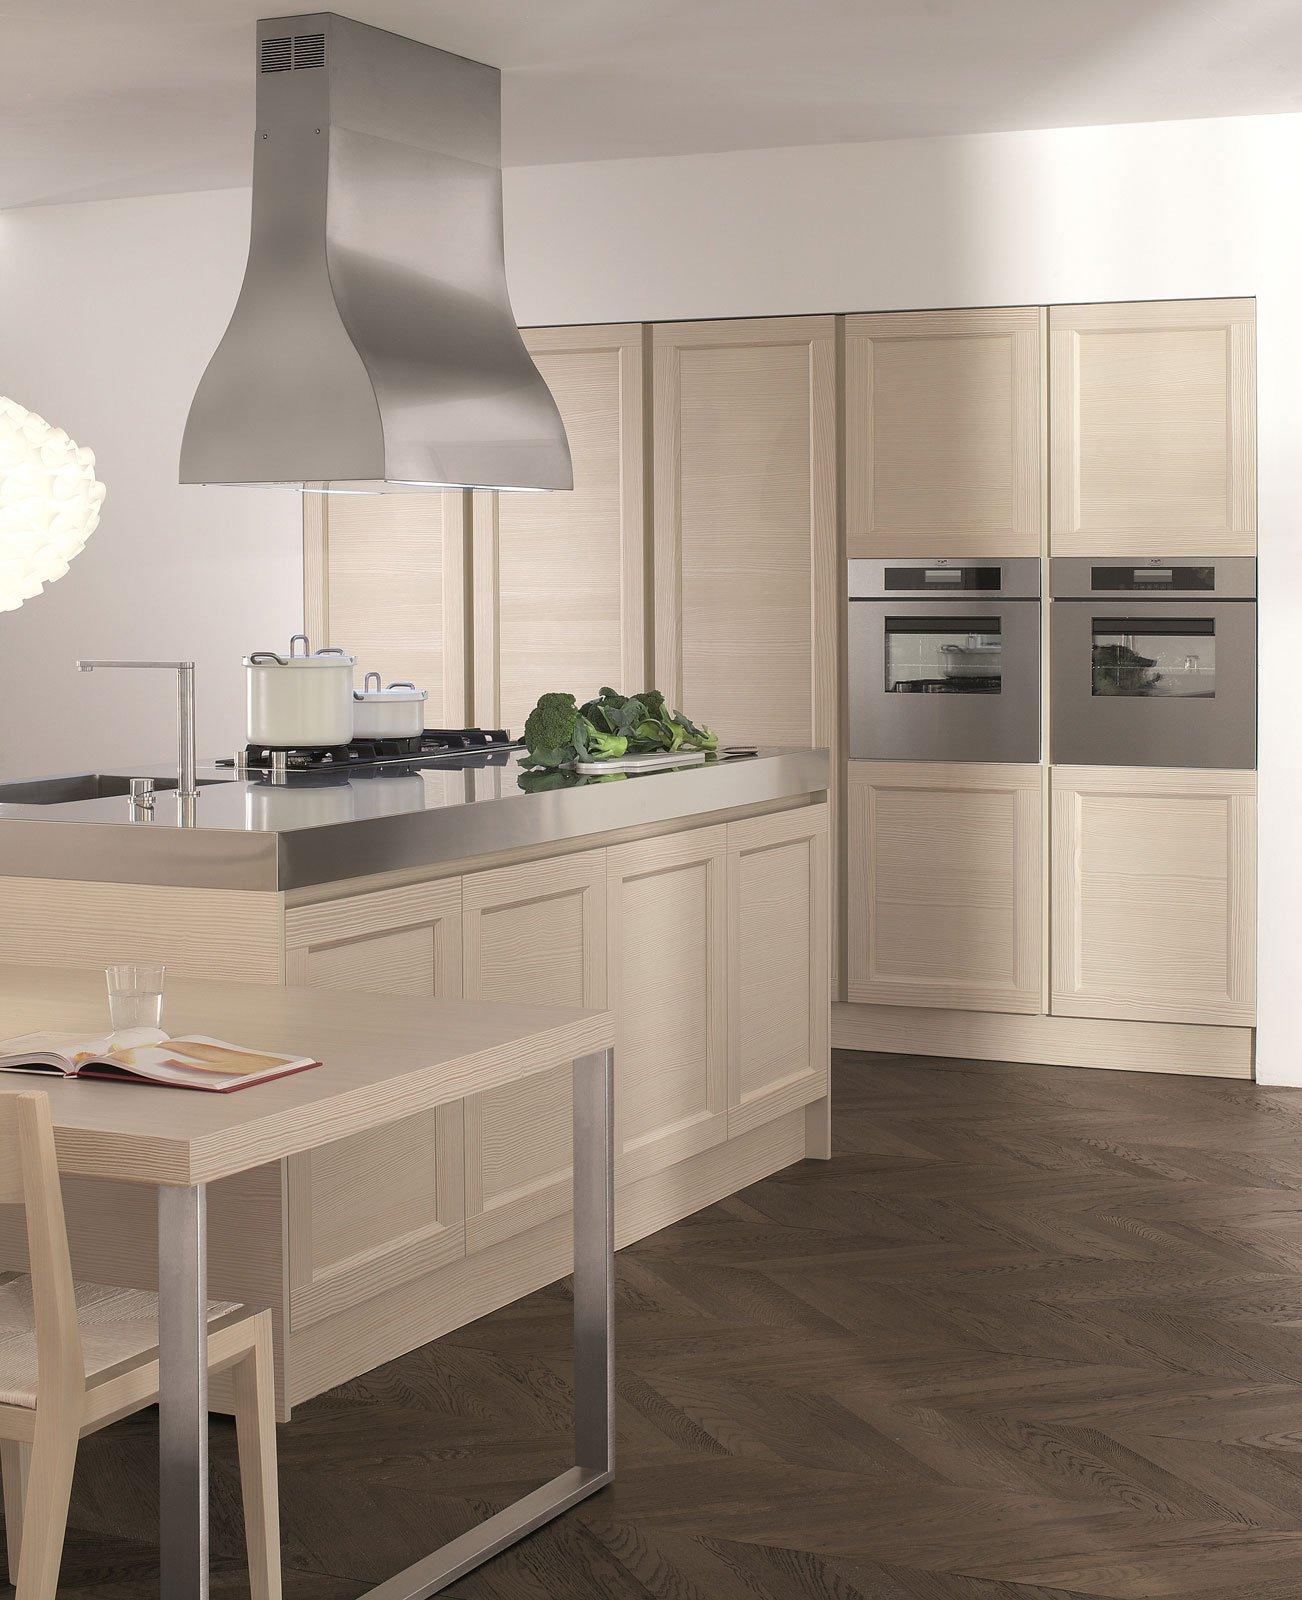 Cucine con cappa decorativa cose di casa for Cucine classiche con isola